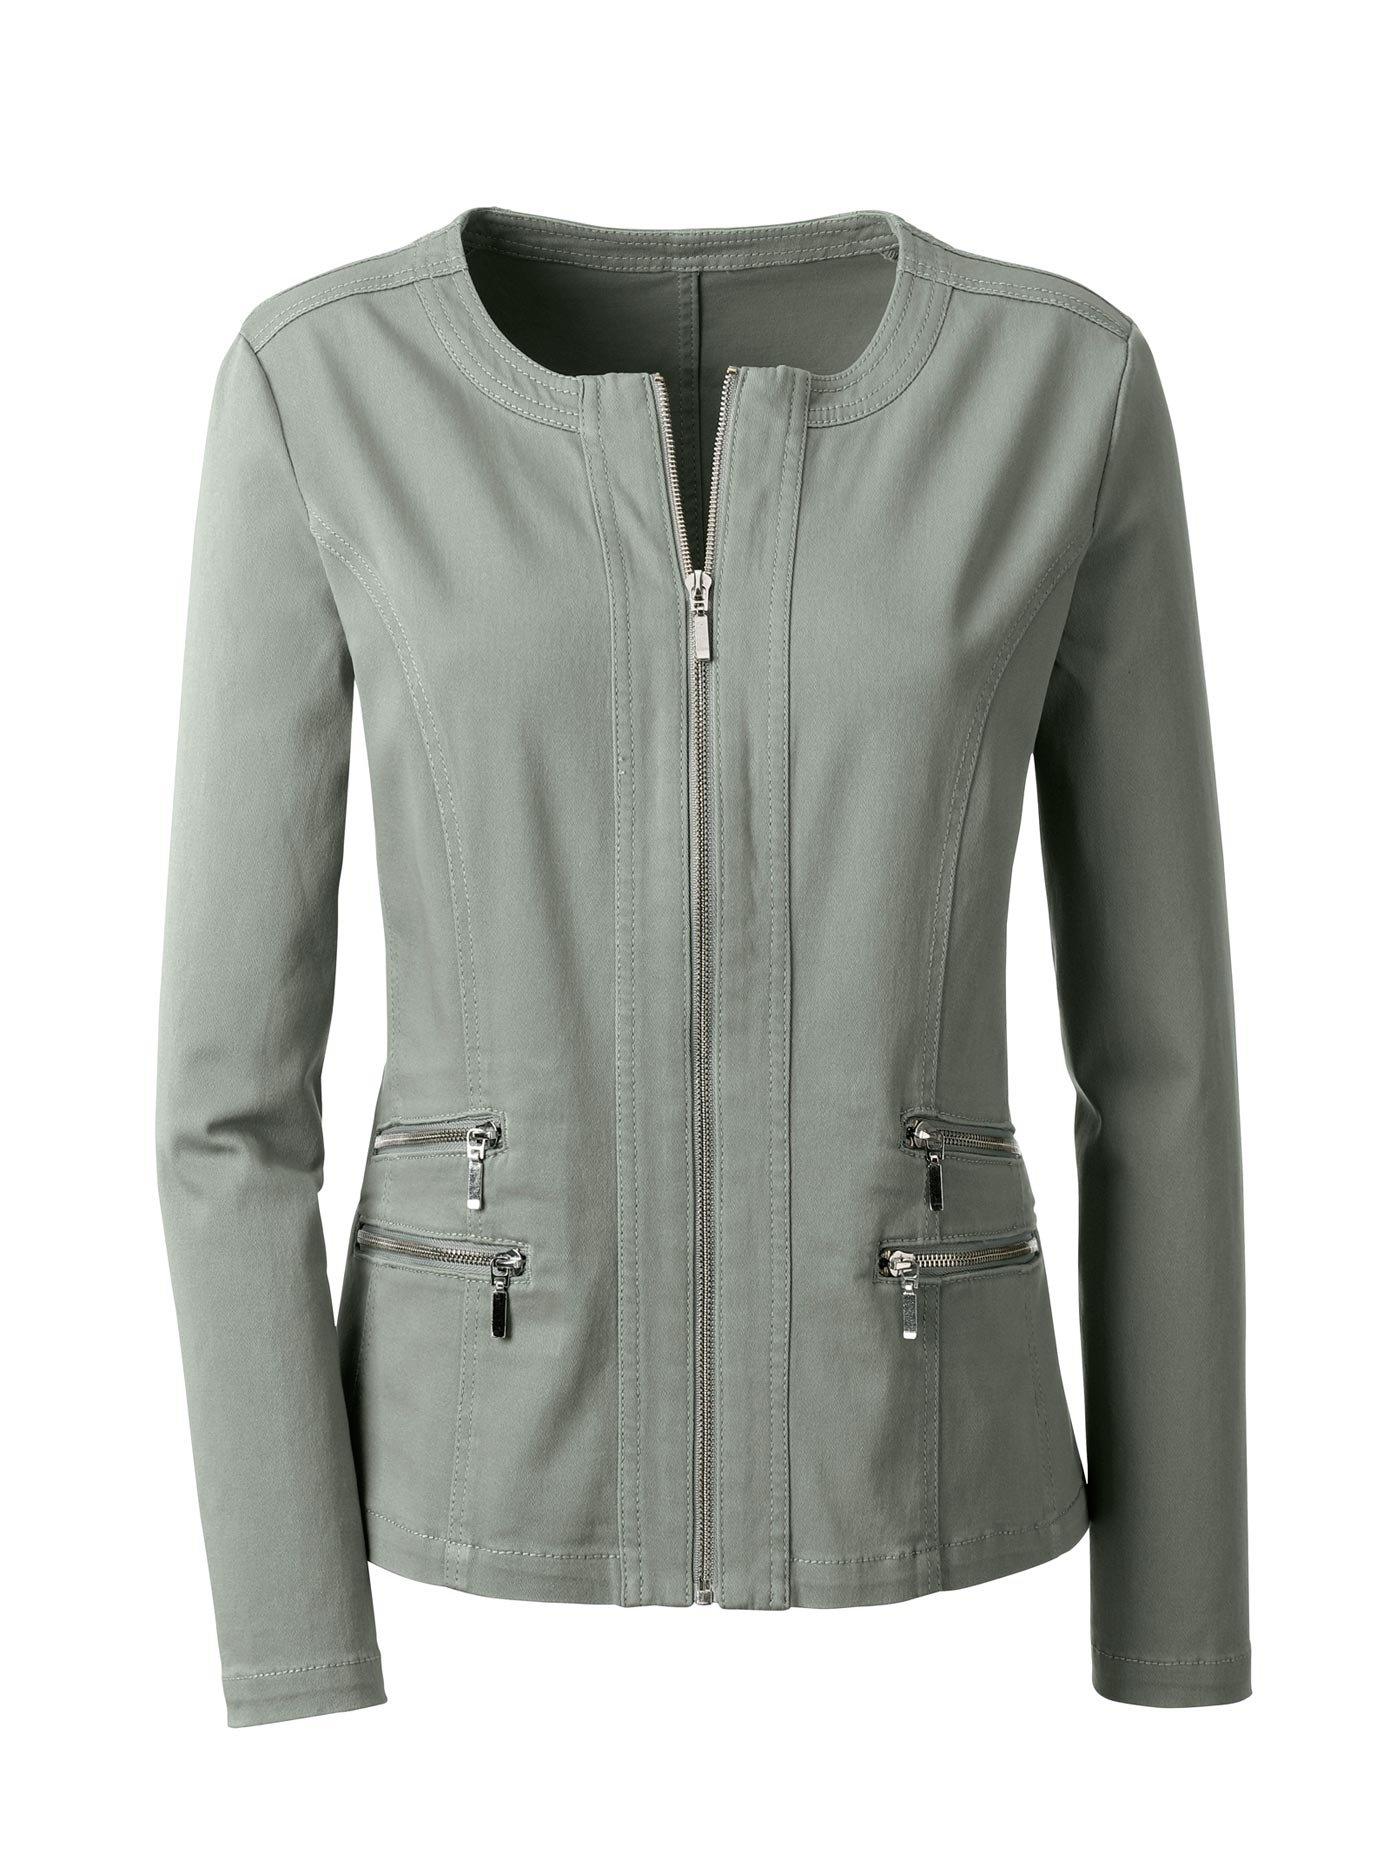 Classic Inspirationen jasje online kopen op otto.nl